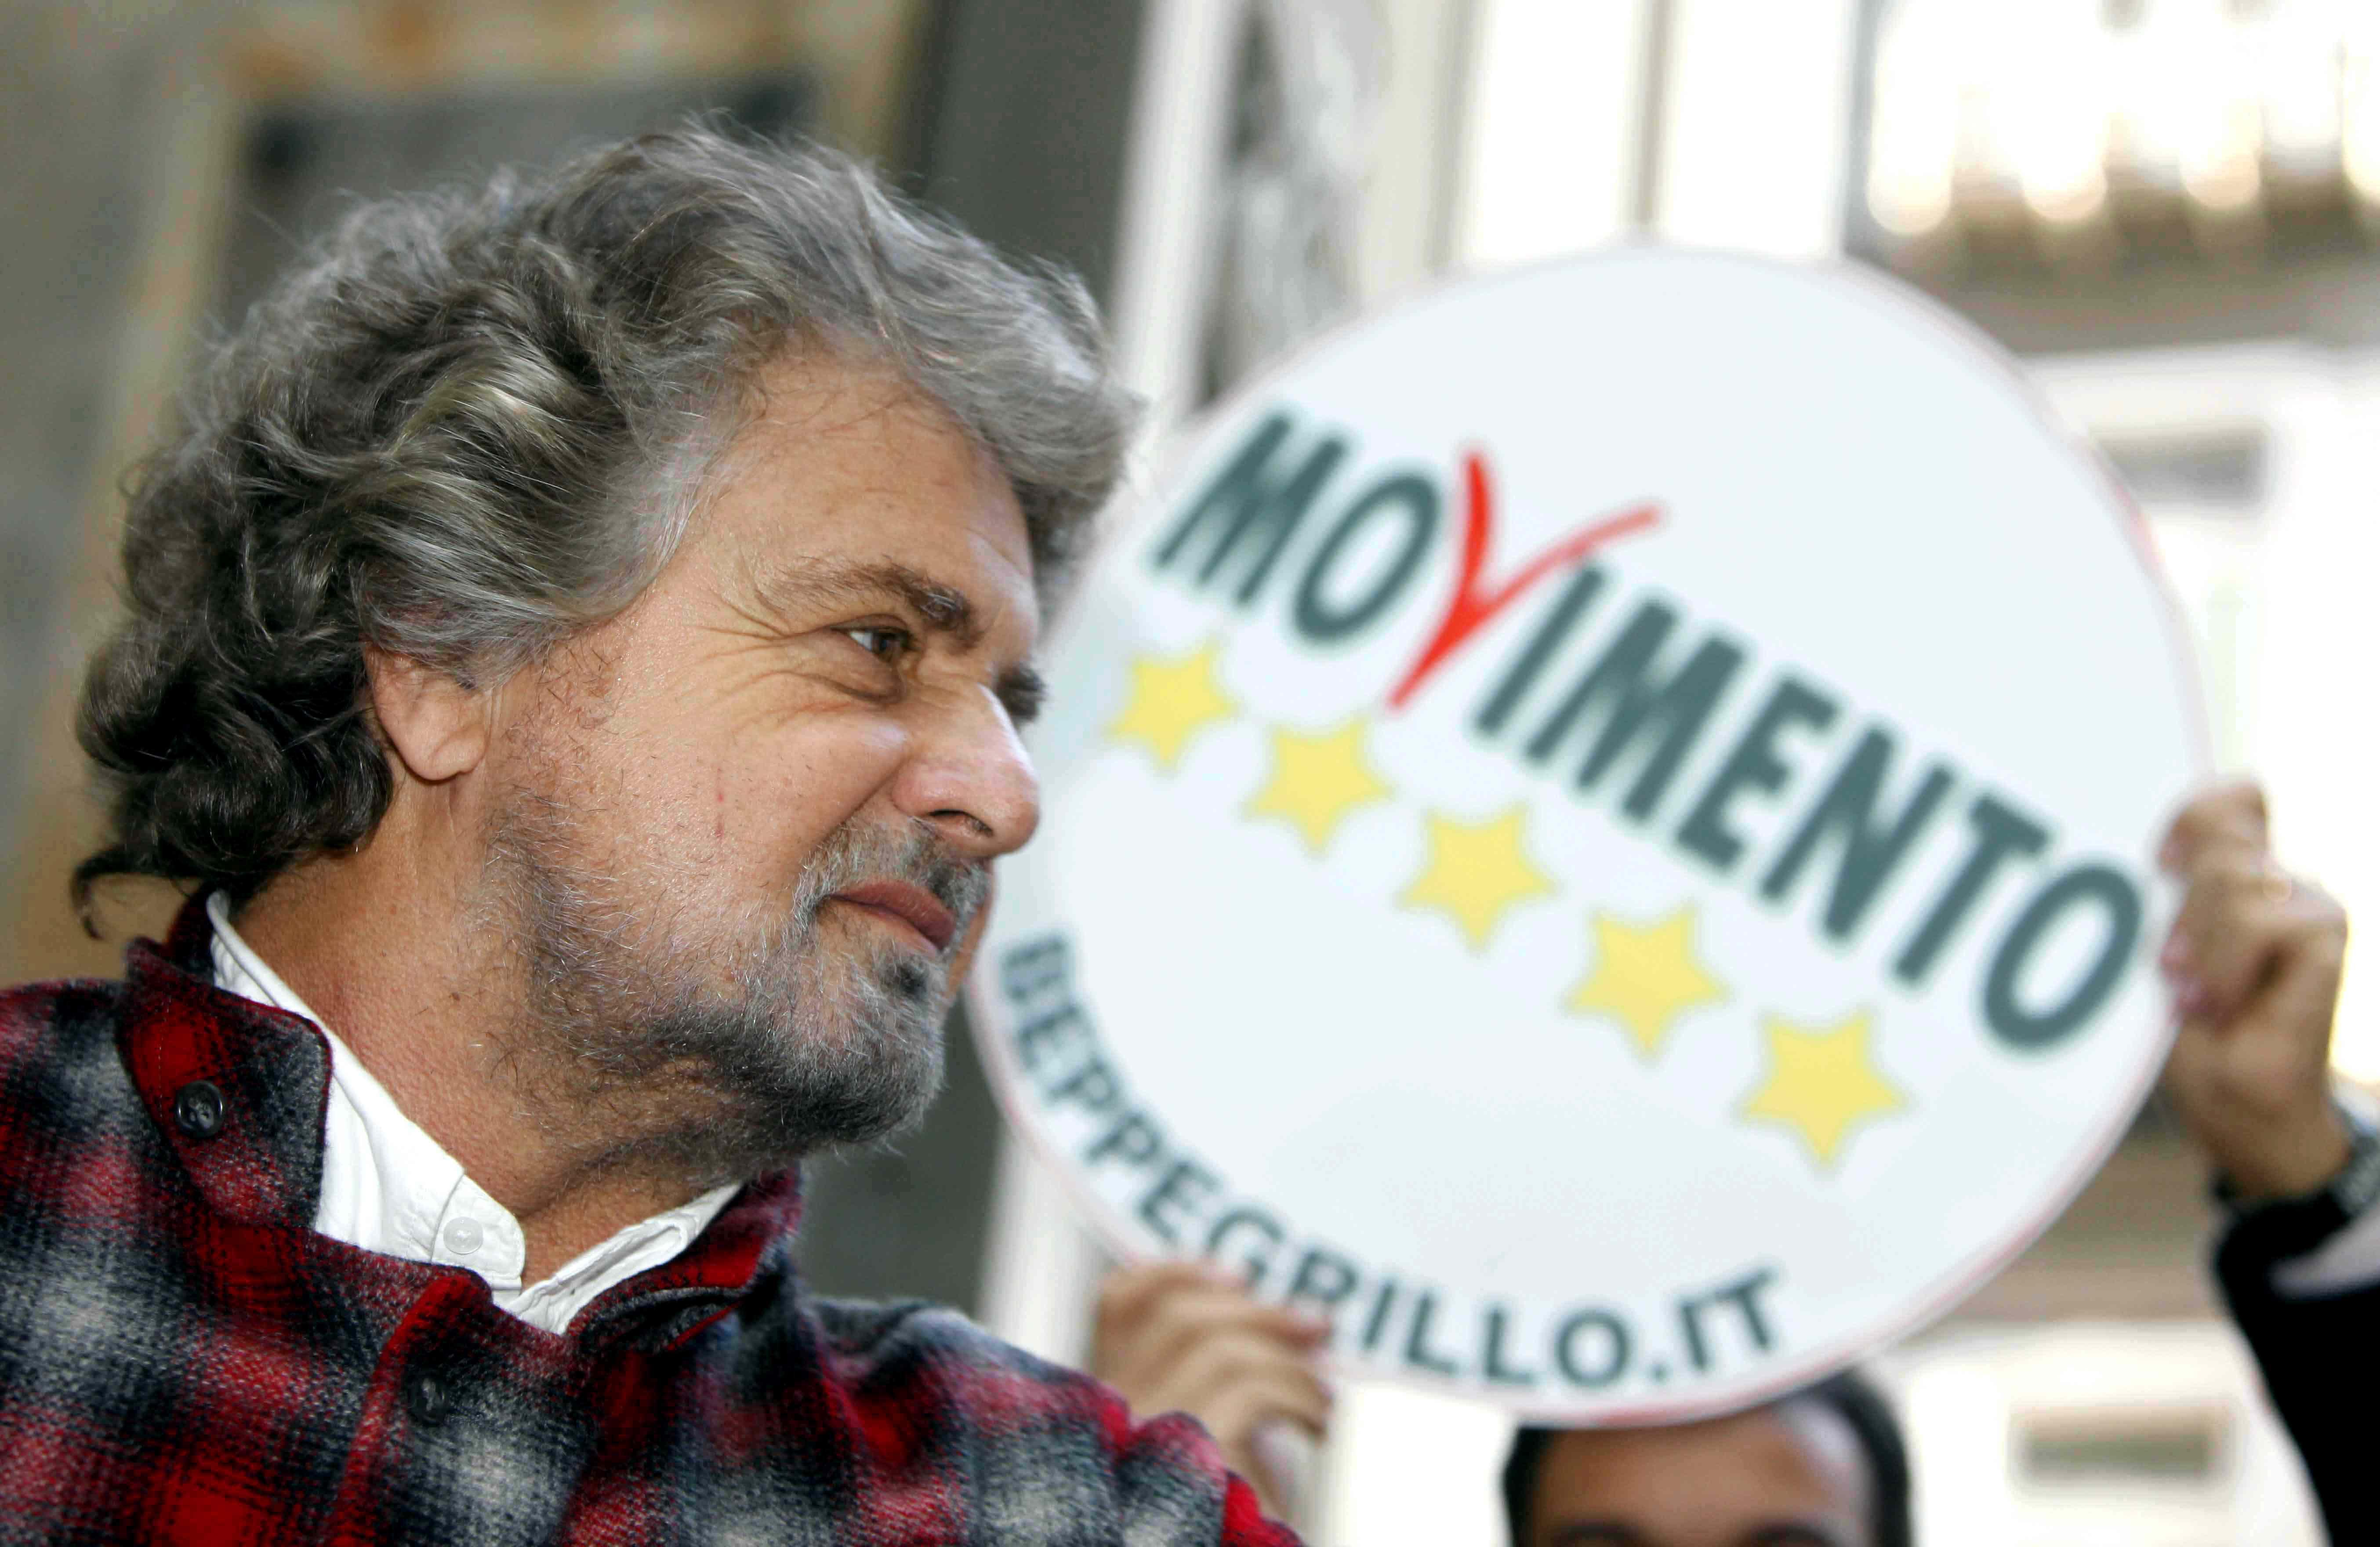 AGN - ELEZIONI AMMINISTRATIVE 2012: BOOM DEL MOVIMENTO 5 STELLE